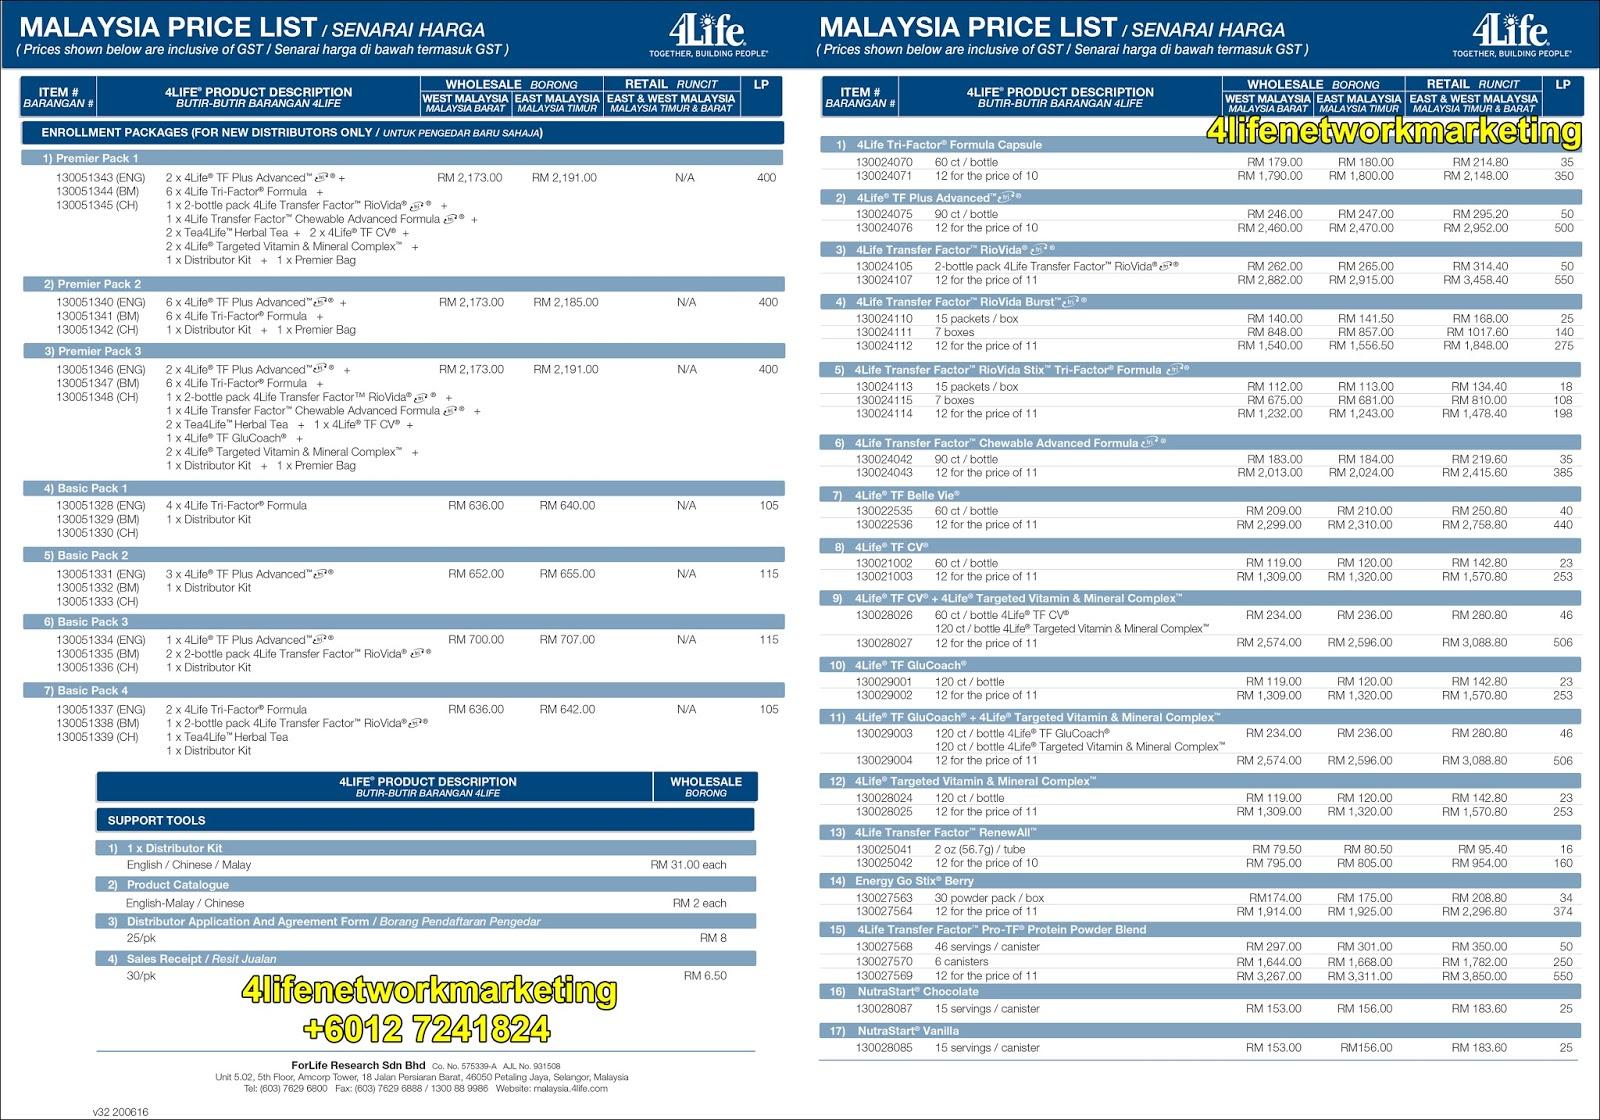 gambar Senarai Harga 4Life Malaysia (Termasuk GST) (1)